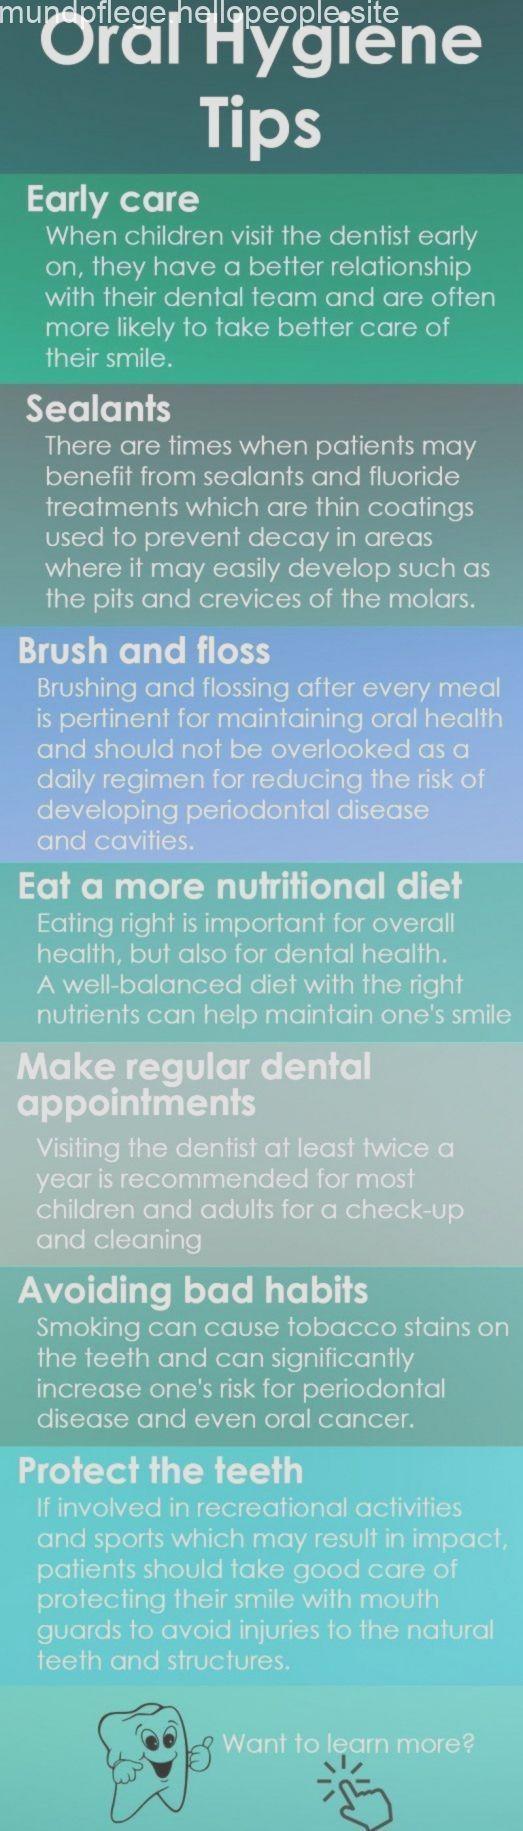 # Mundhygiene-Tipps #Azusa - Schonende Pflege #Zahnheilkunde bietet Azusa-Bewohnern ... #dentalfacts # Mundhygiene-Tipps #Azusa - Schonende Pflege #Zahnheilkunde bietet Azusa-Bewohnern ...,  #Azusa #AzusaBewohnern #bietet #Mundhygienetipps #pflege #Schonende #Zahnheilkunde #dentalfacts